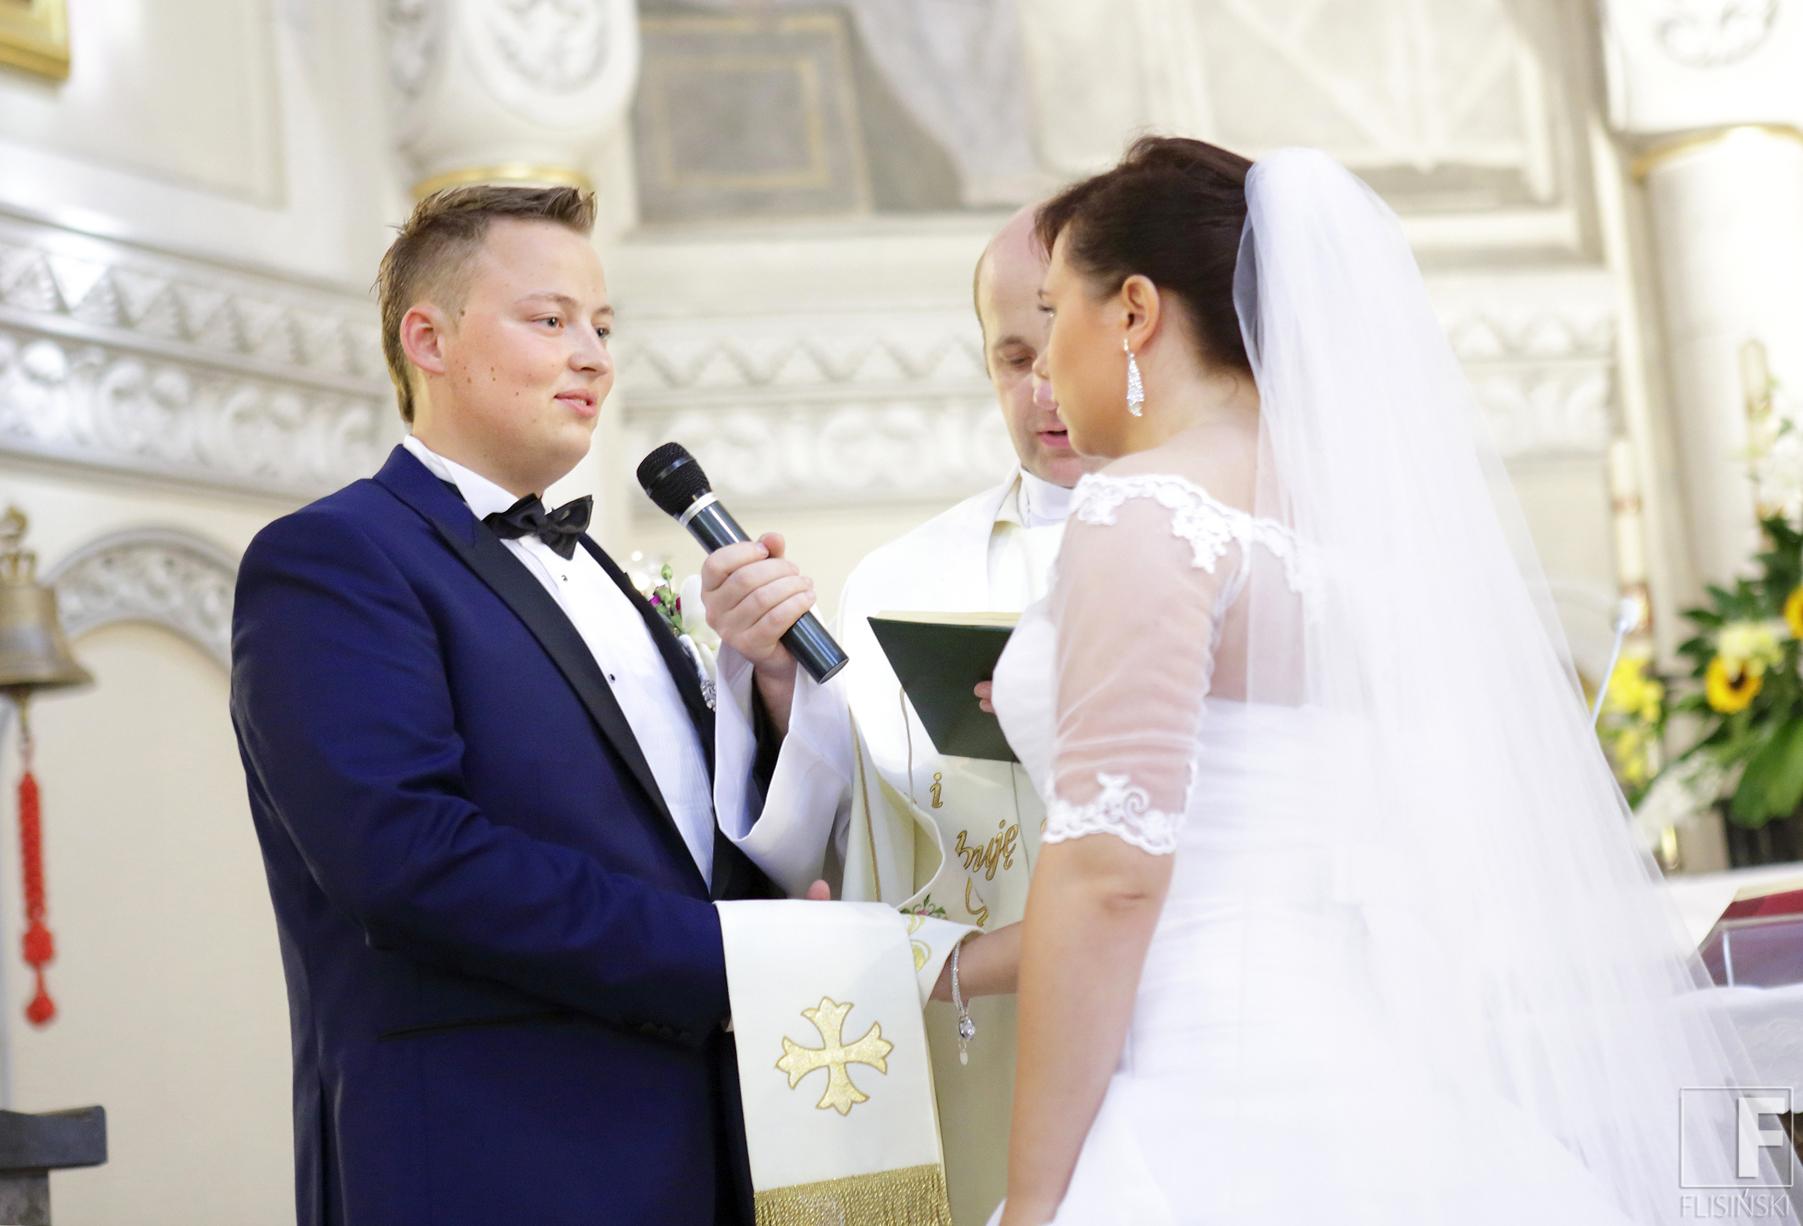 Krzysztof Flisiński - Fotografia Ślubna - Śląsk